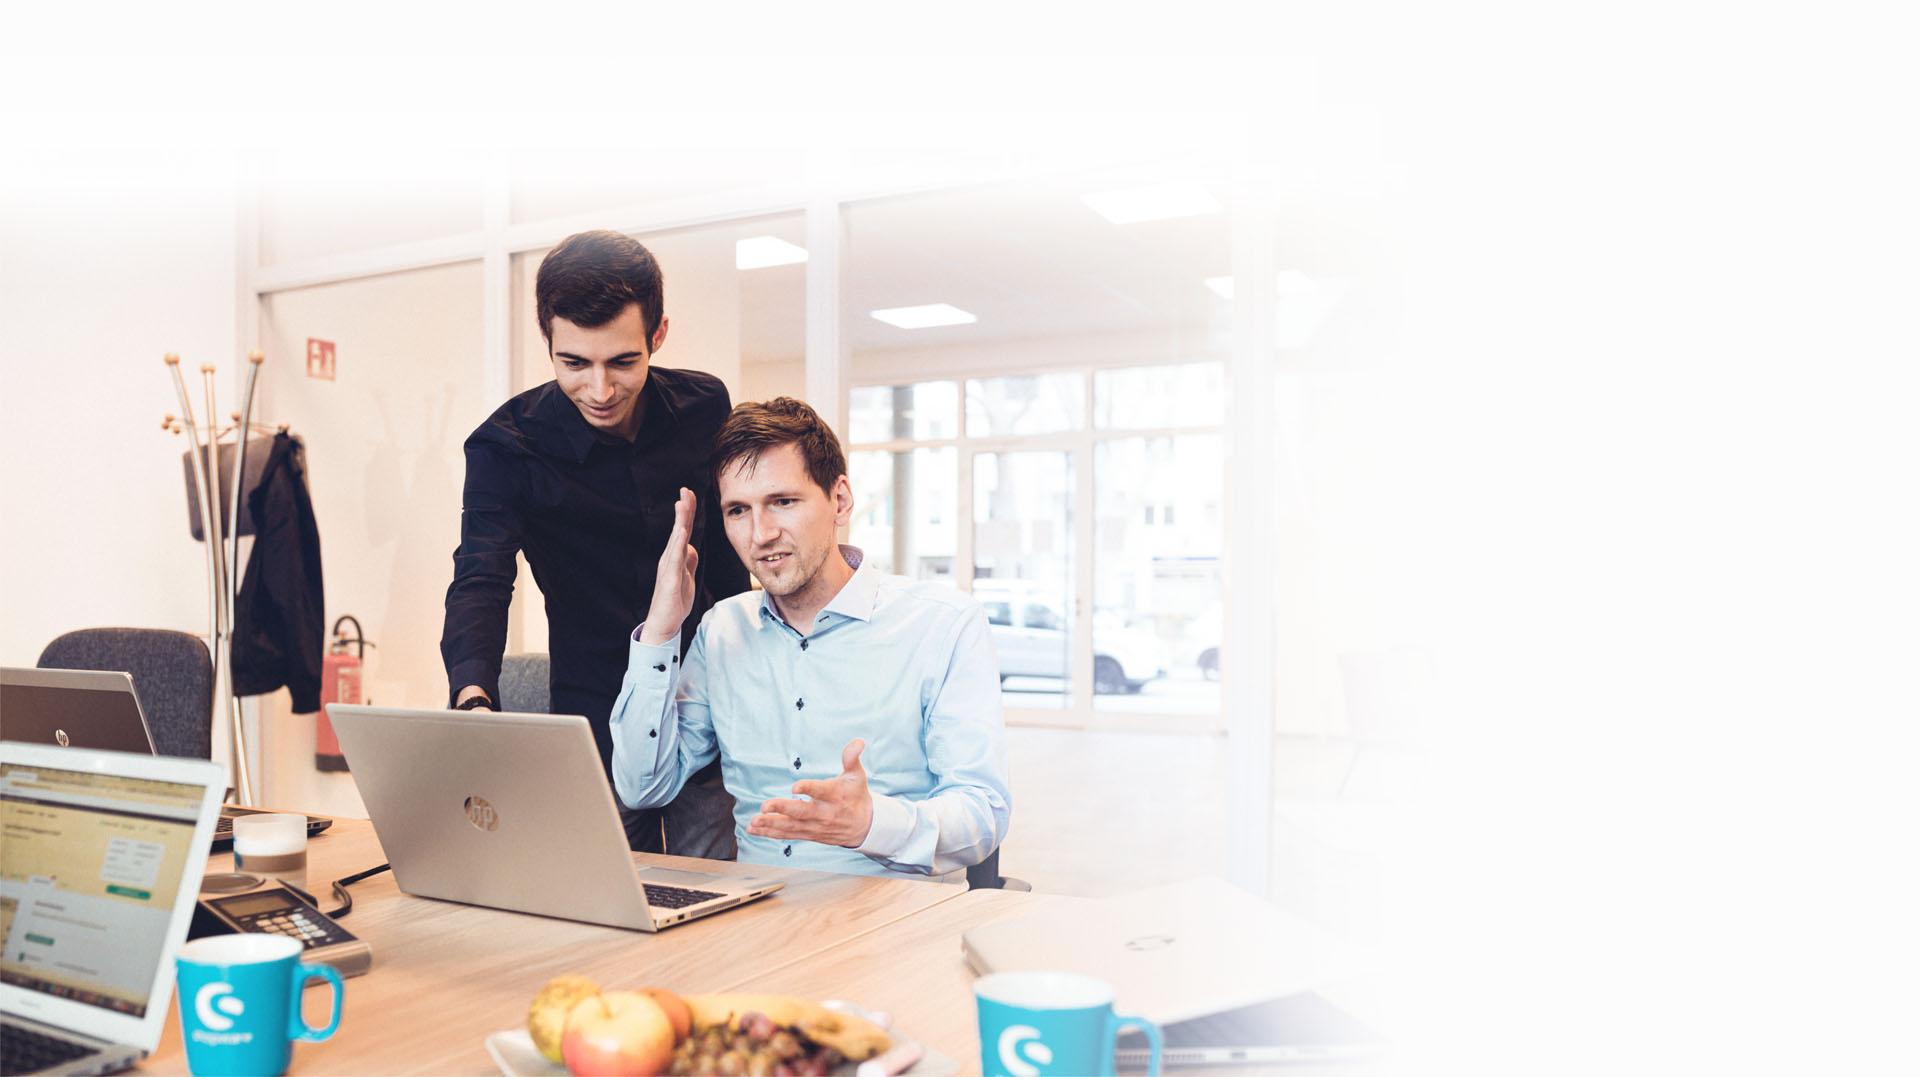 codegiganten Webentwickler Frontend/Backend Timo Deutschmann und Software-Entwickler/Fachinformatiker Philipp Georg